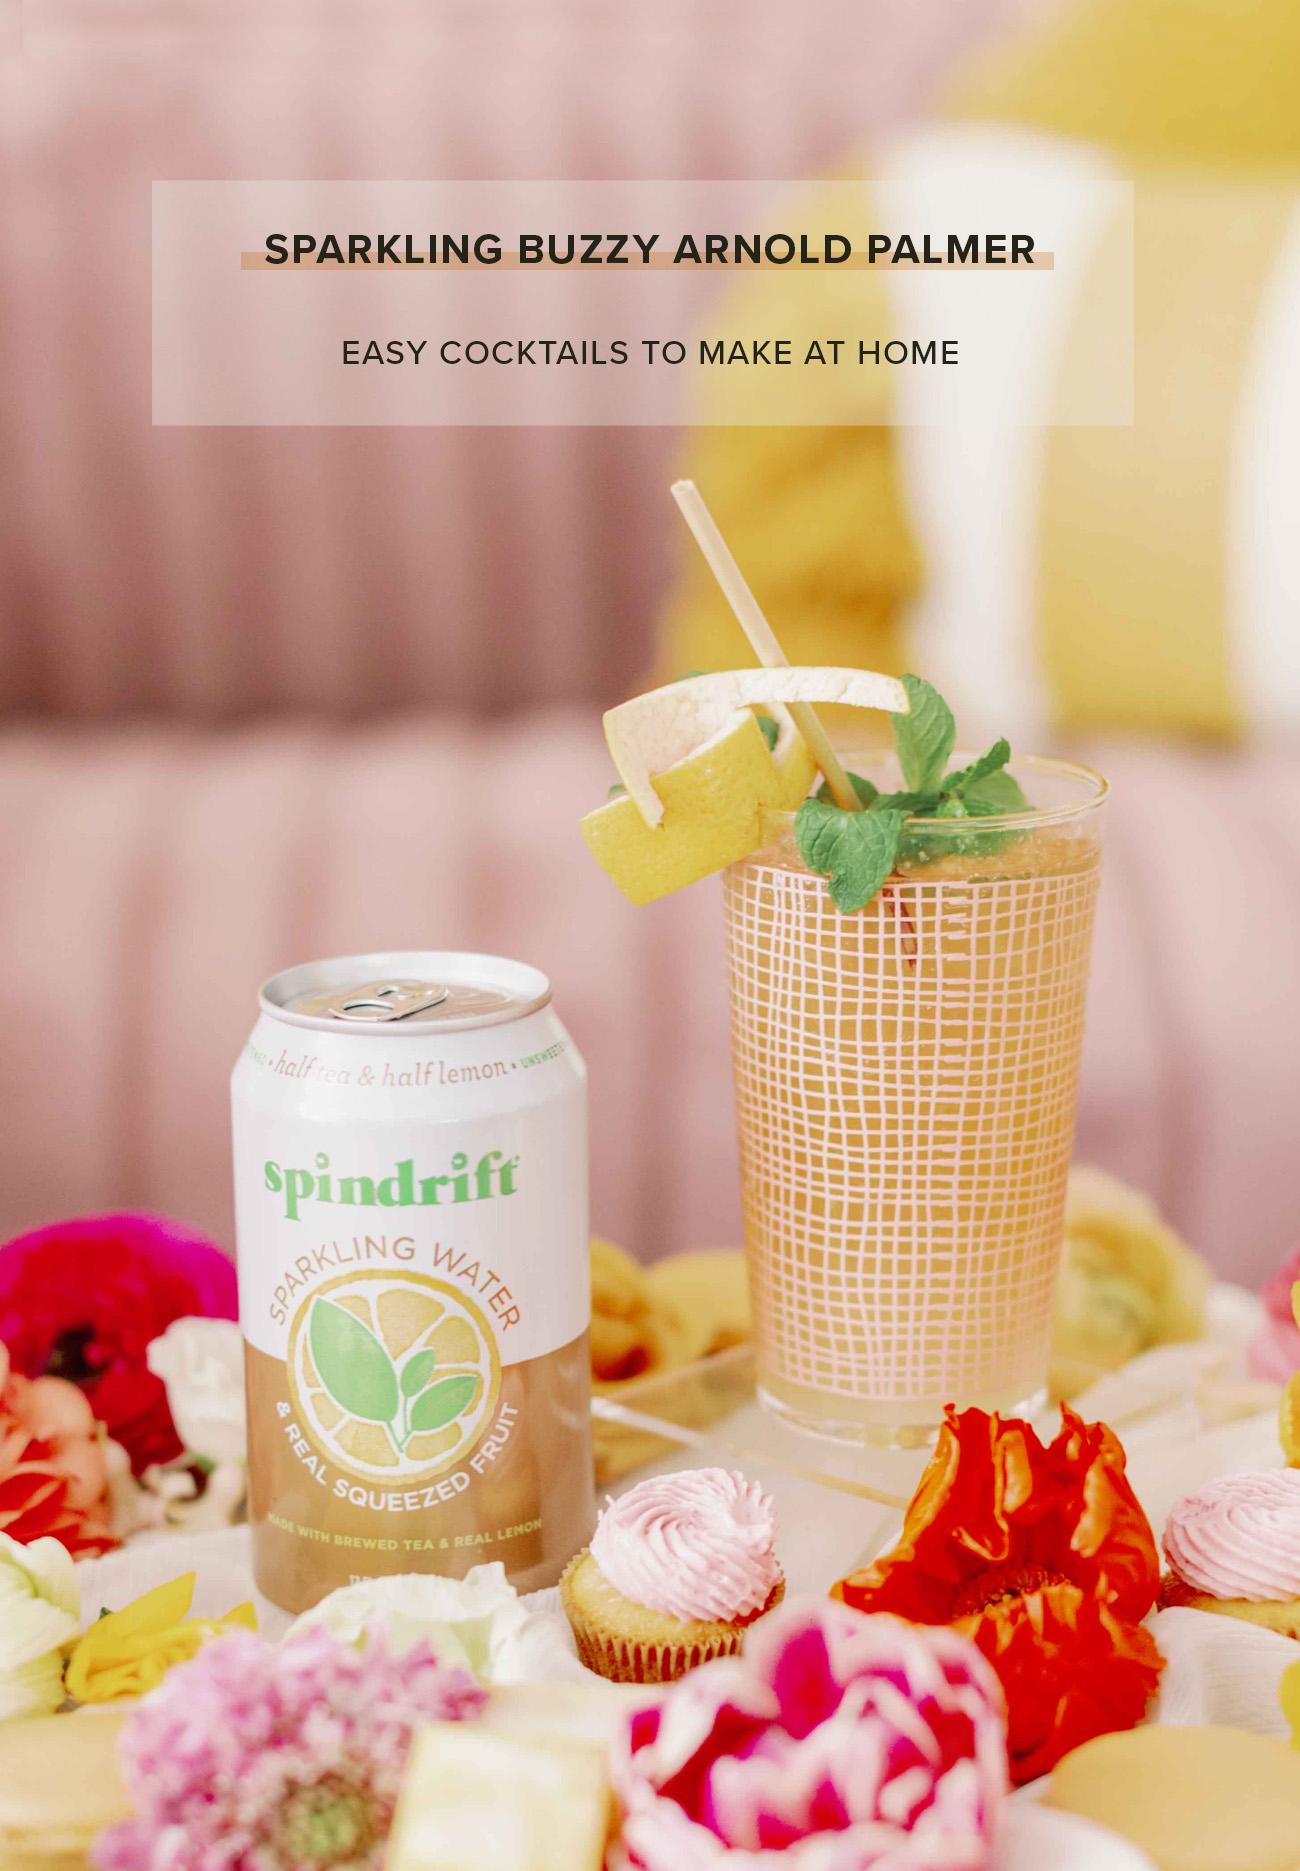 sparkling buzzy arnold palmer cocktail